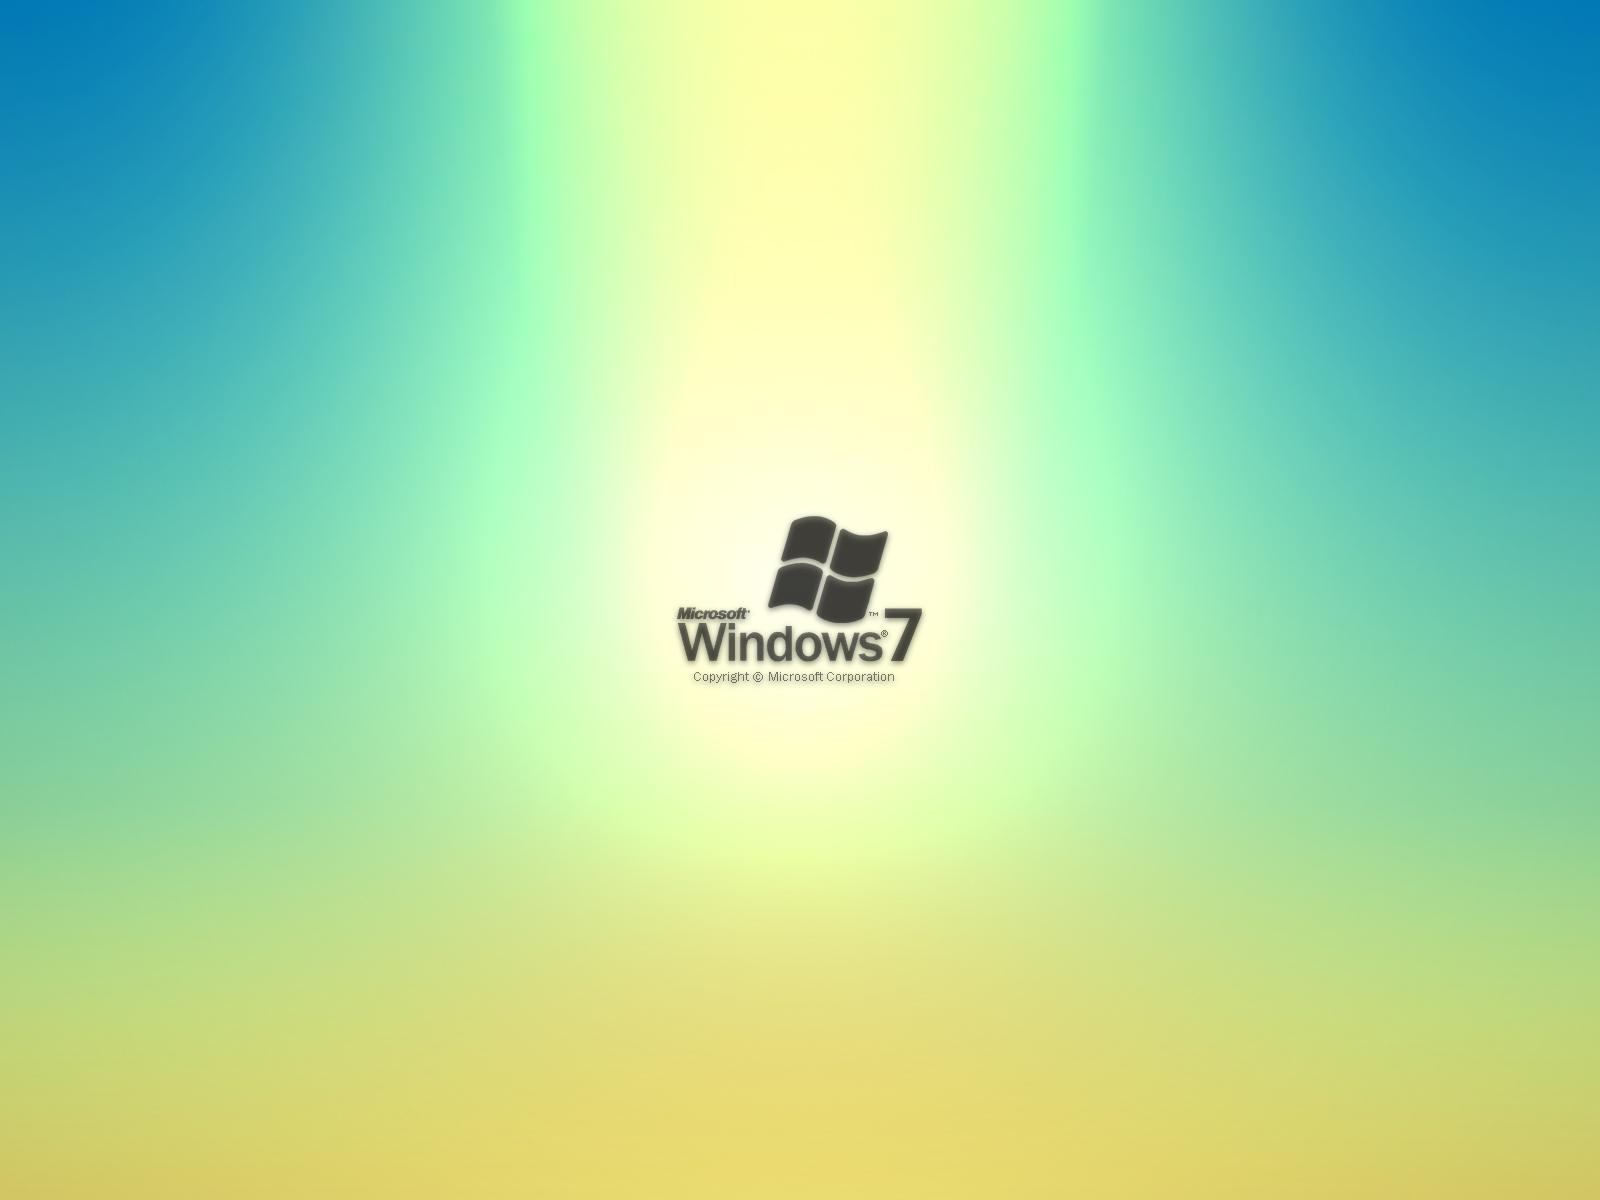 Wallpaper PC » Windows 7 Blended Wallpaper